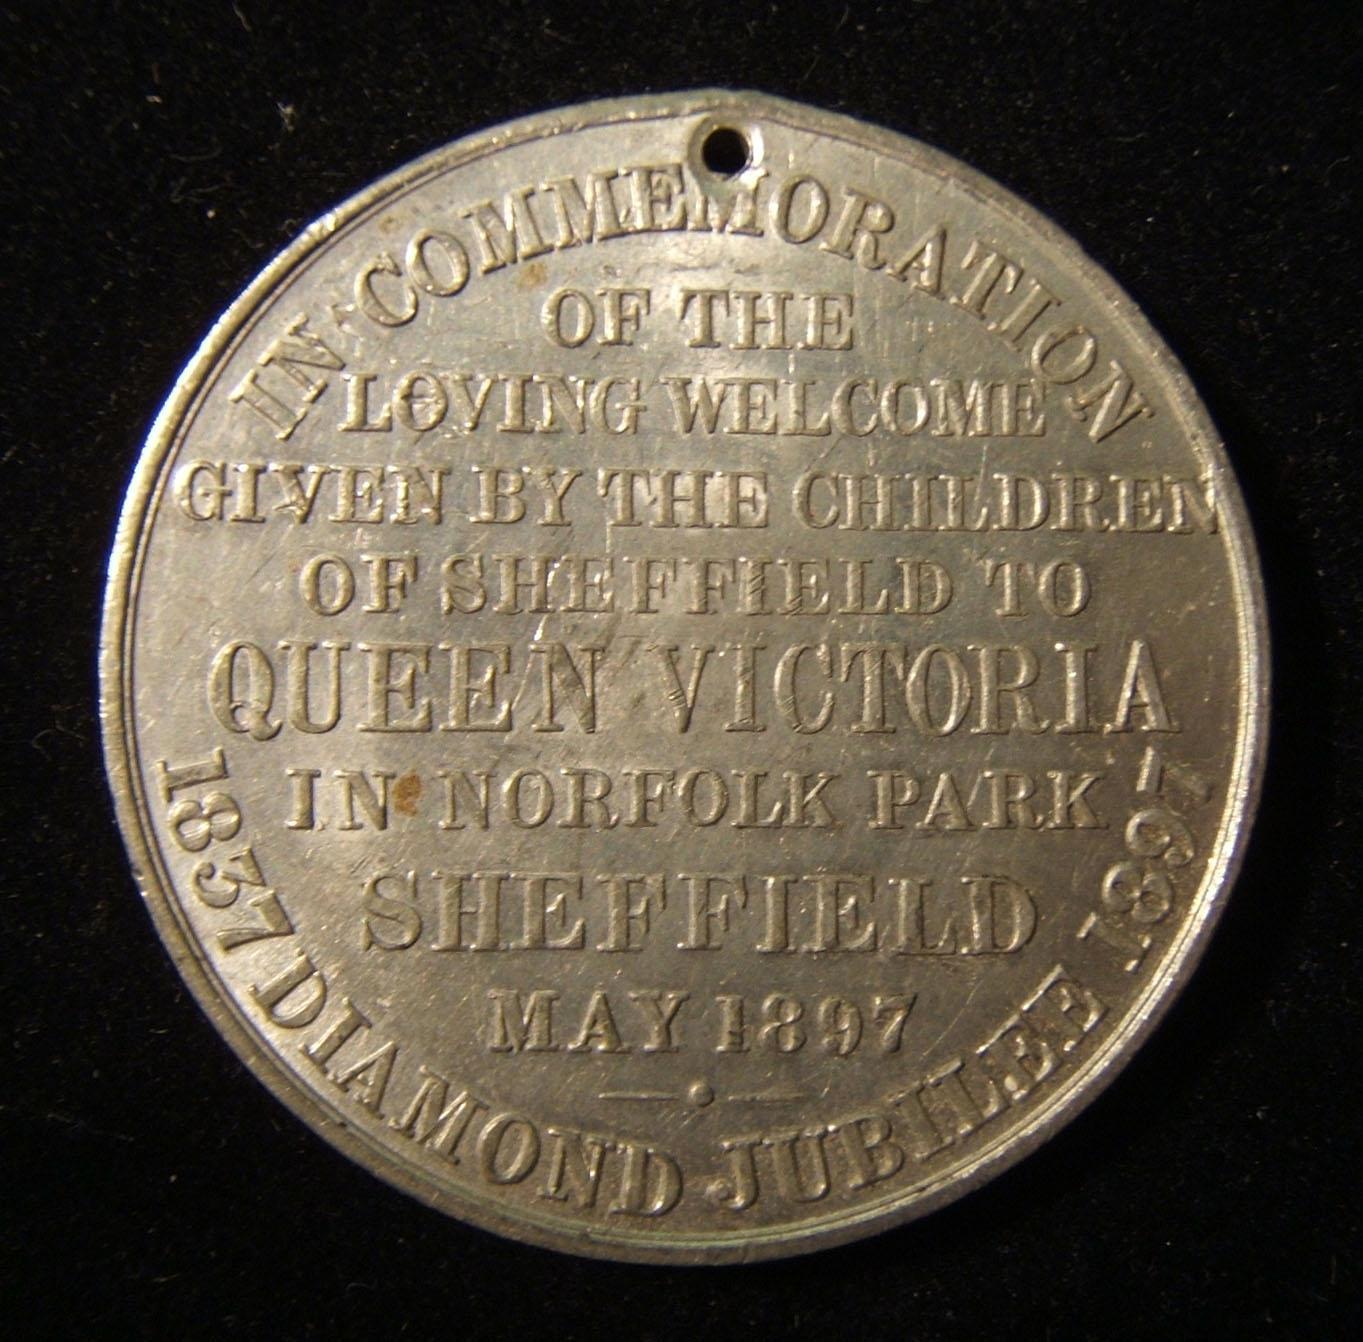 Großbritannien: Königin Victoria, Medaille zum 60. Jubiläum aus Weißmetall und Diamanten / Besuch von Sheffield, von M.R.T.D (unklare Prägungsstreifen), 1897; Größe: 38,75 mm; Gewi